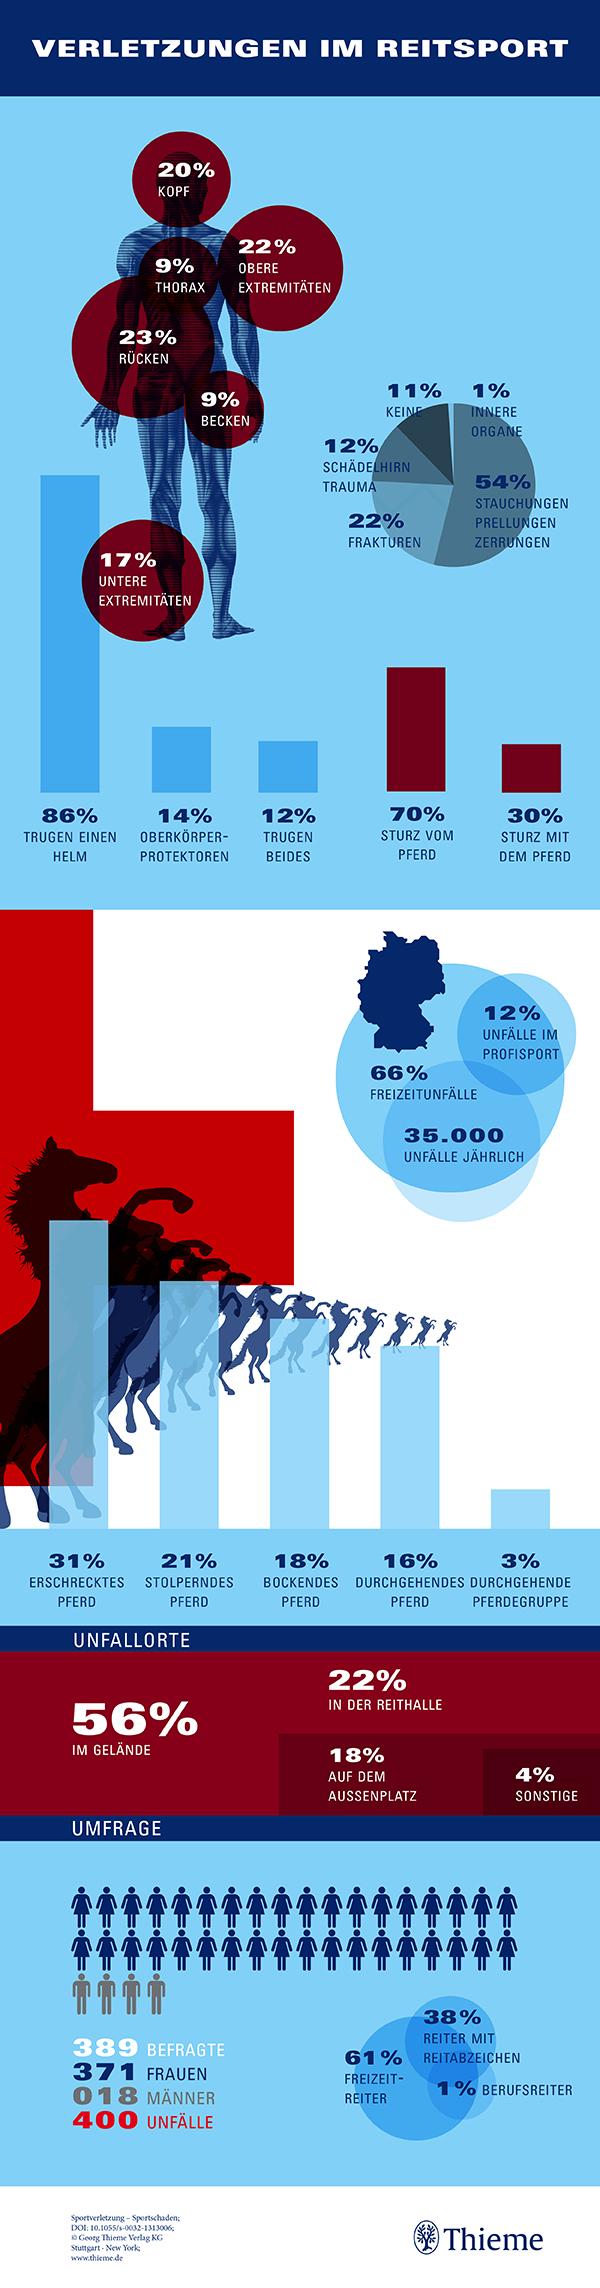 Infografik: Verletzungen im Reitsport